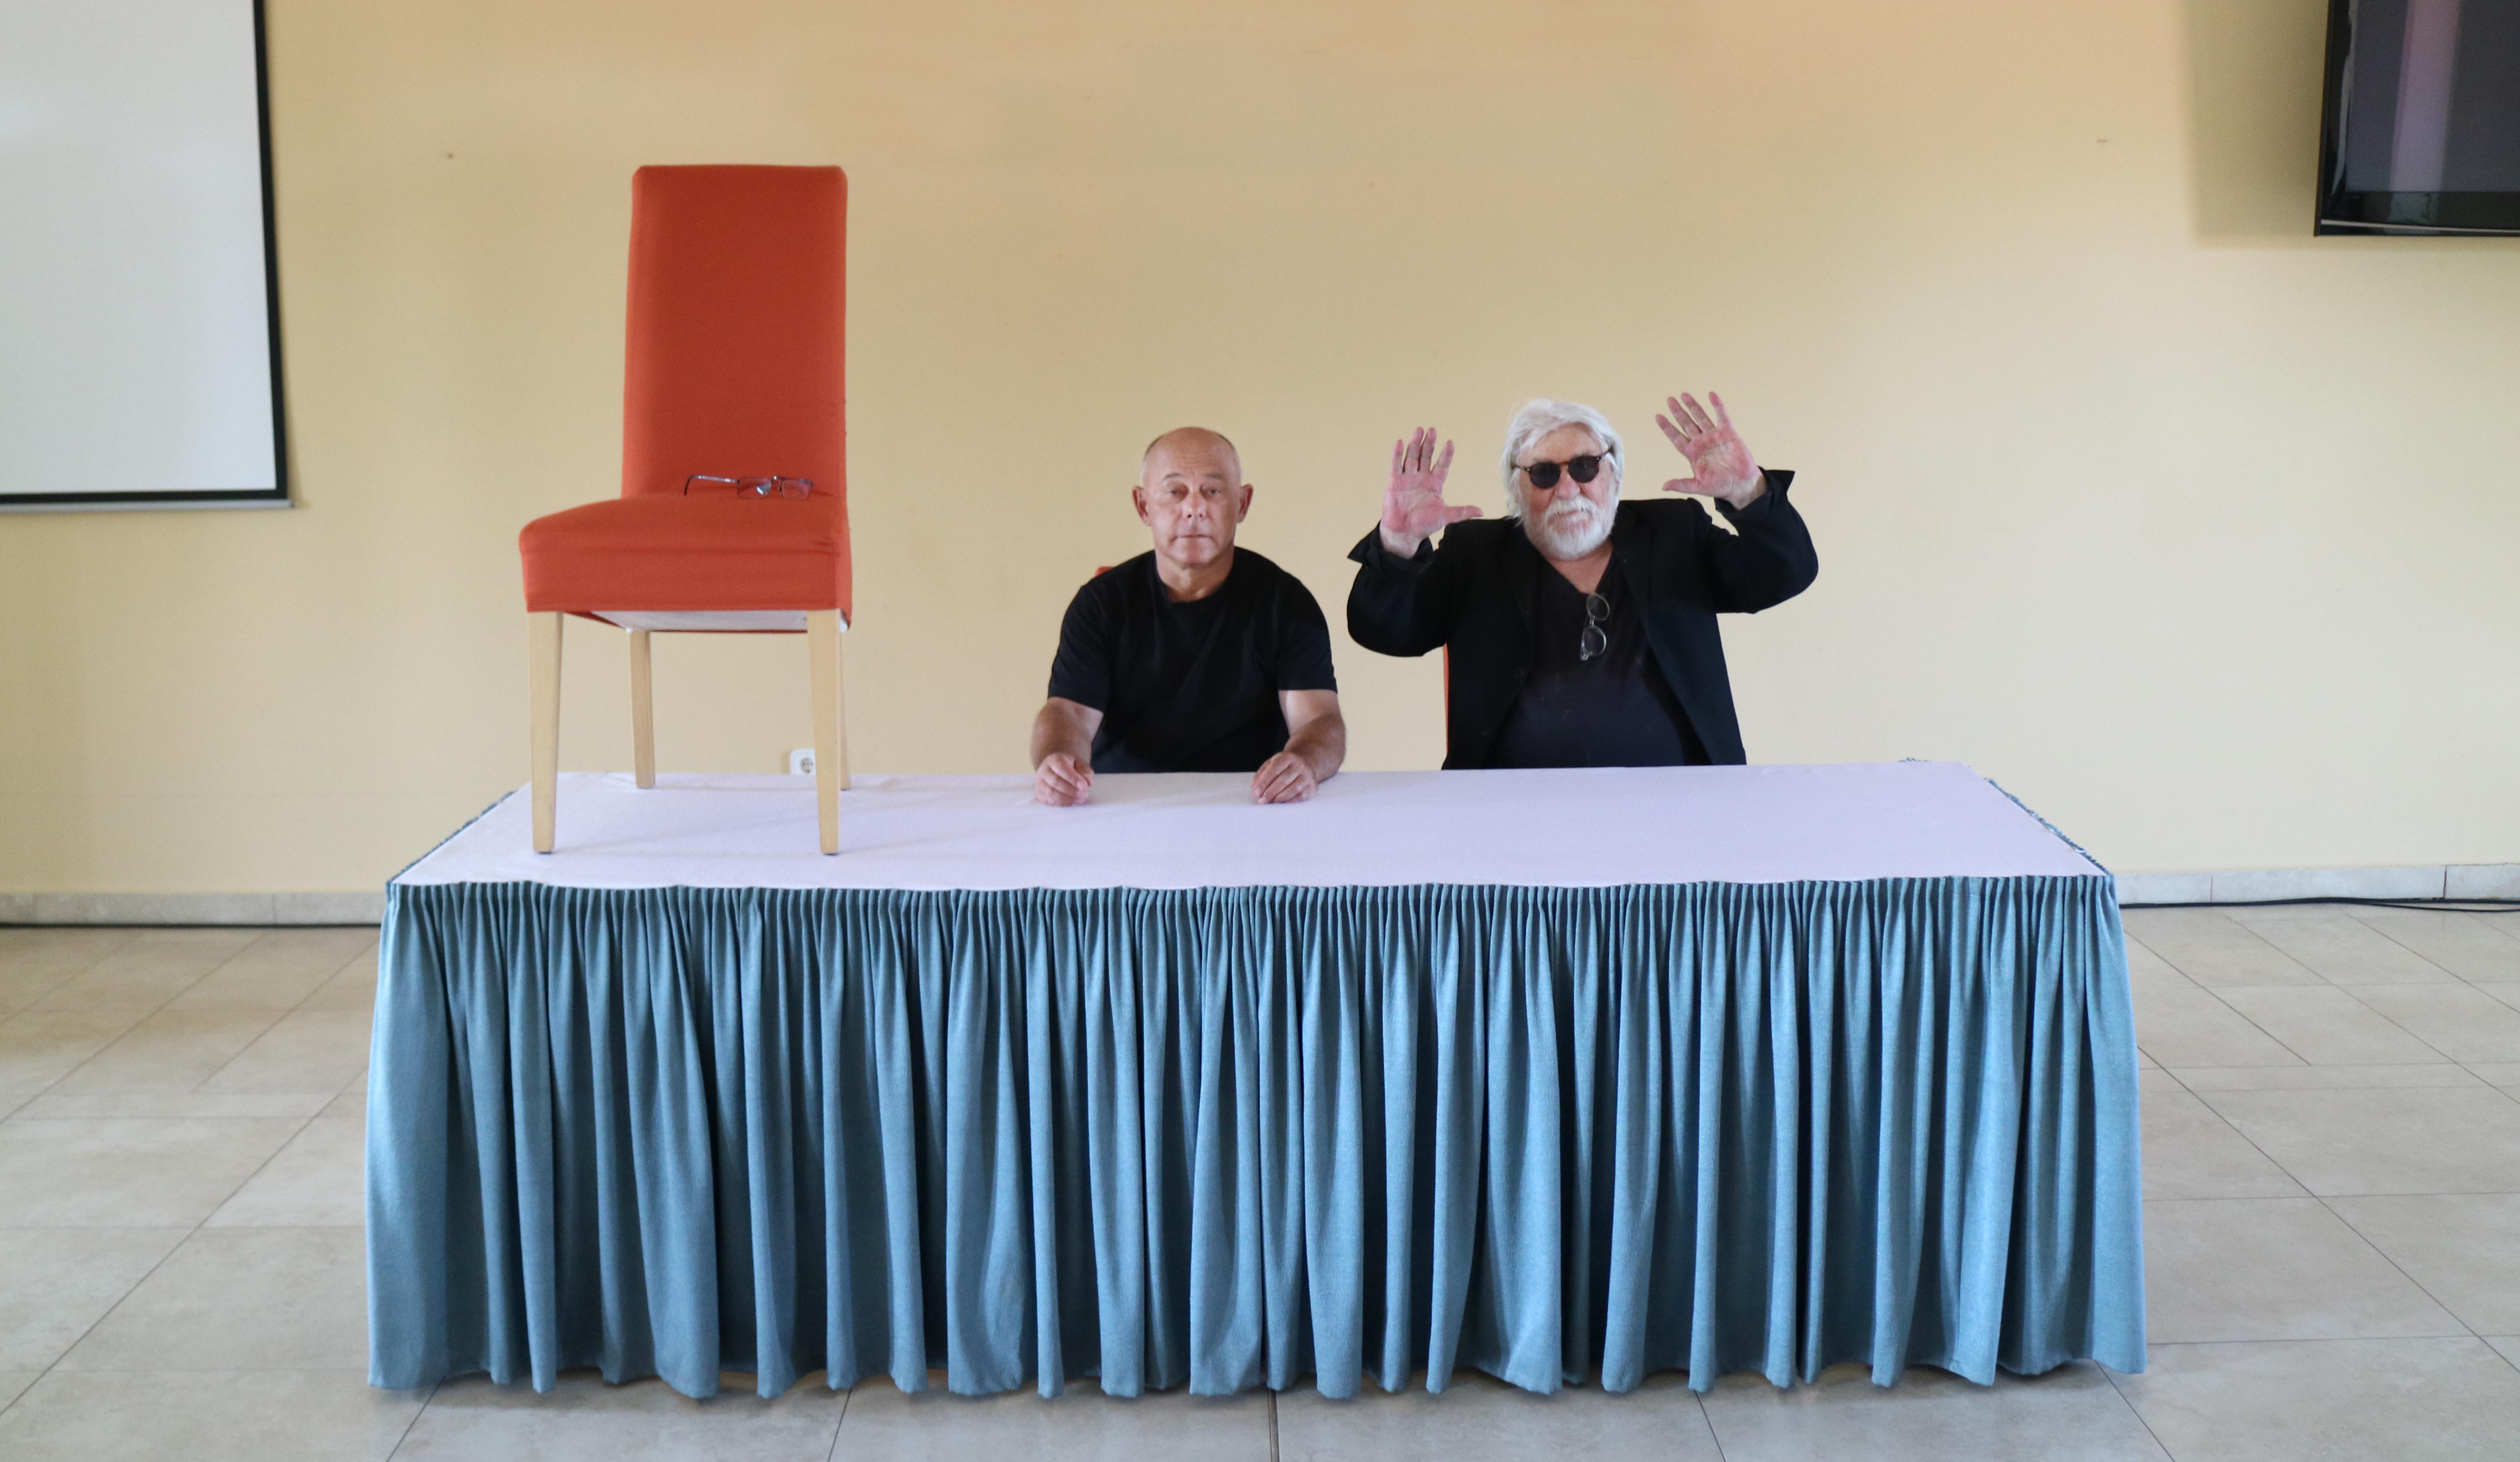 Szirtes János és feLugossy László a Vajda Lajos Stúdió nyári alkotótáborában Sárospatakon, 2019. Fotó: Erdei Krisztina